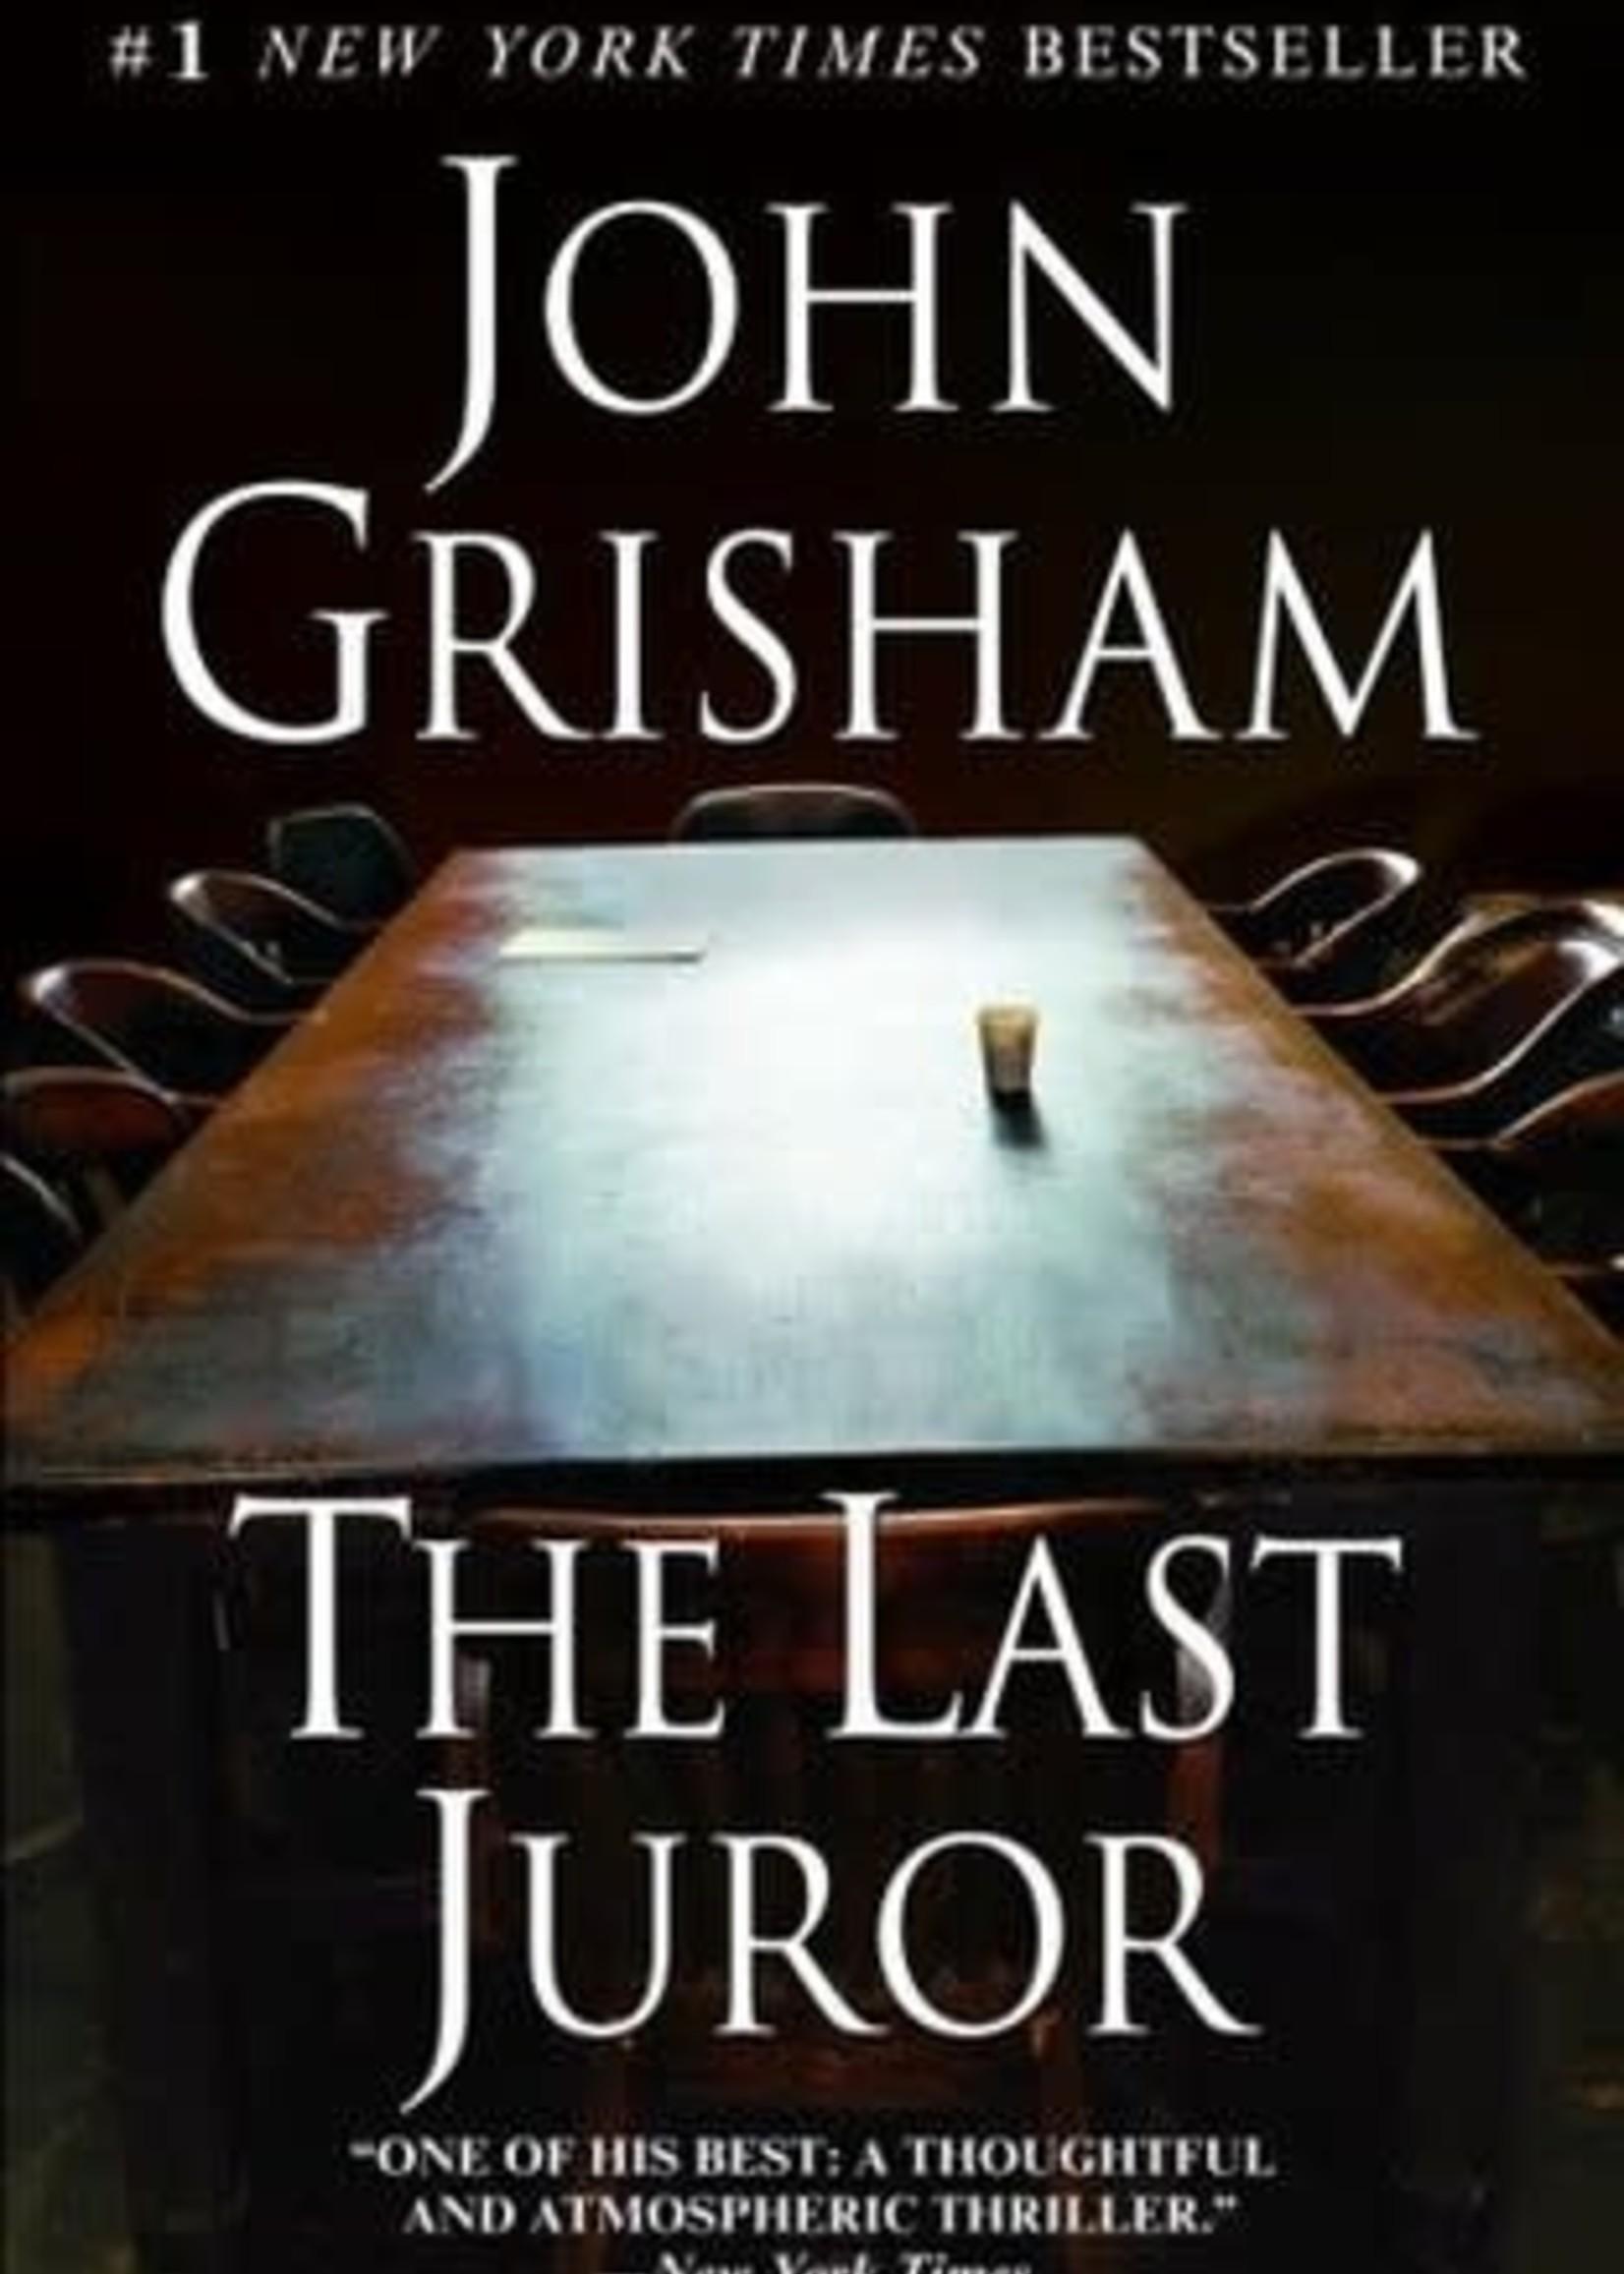 USED - The Last Juror by John Grisham